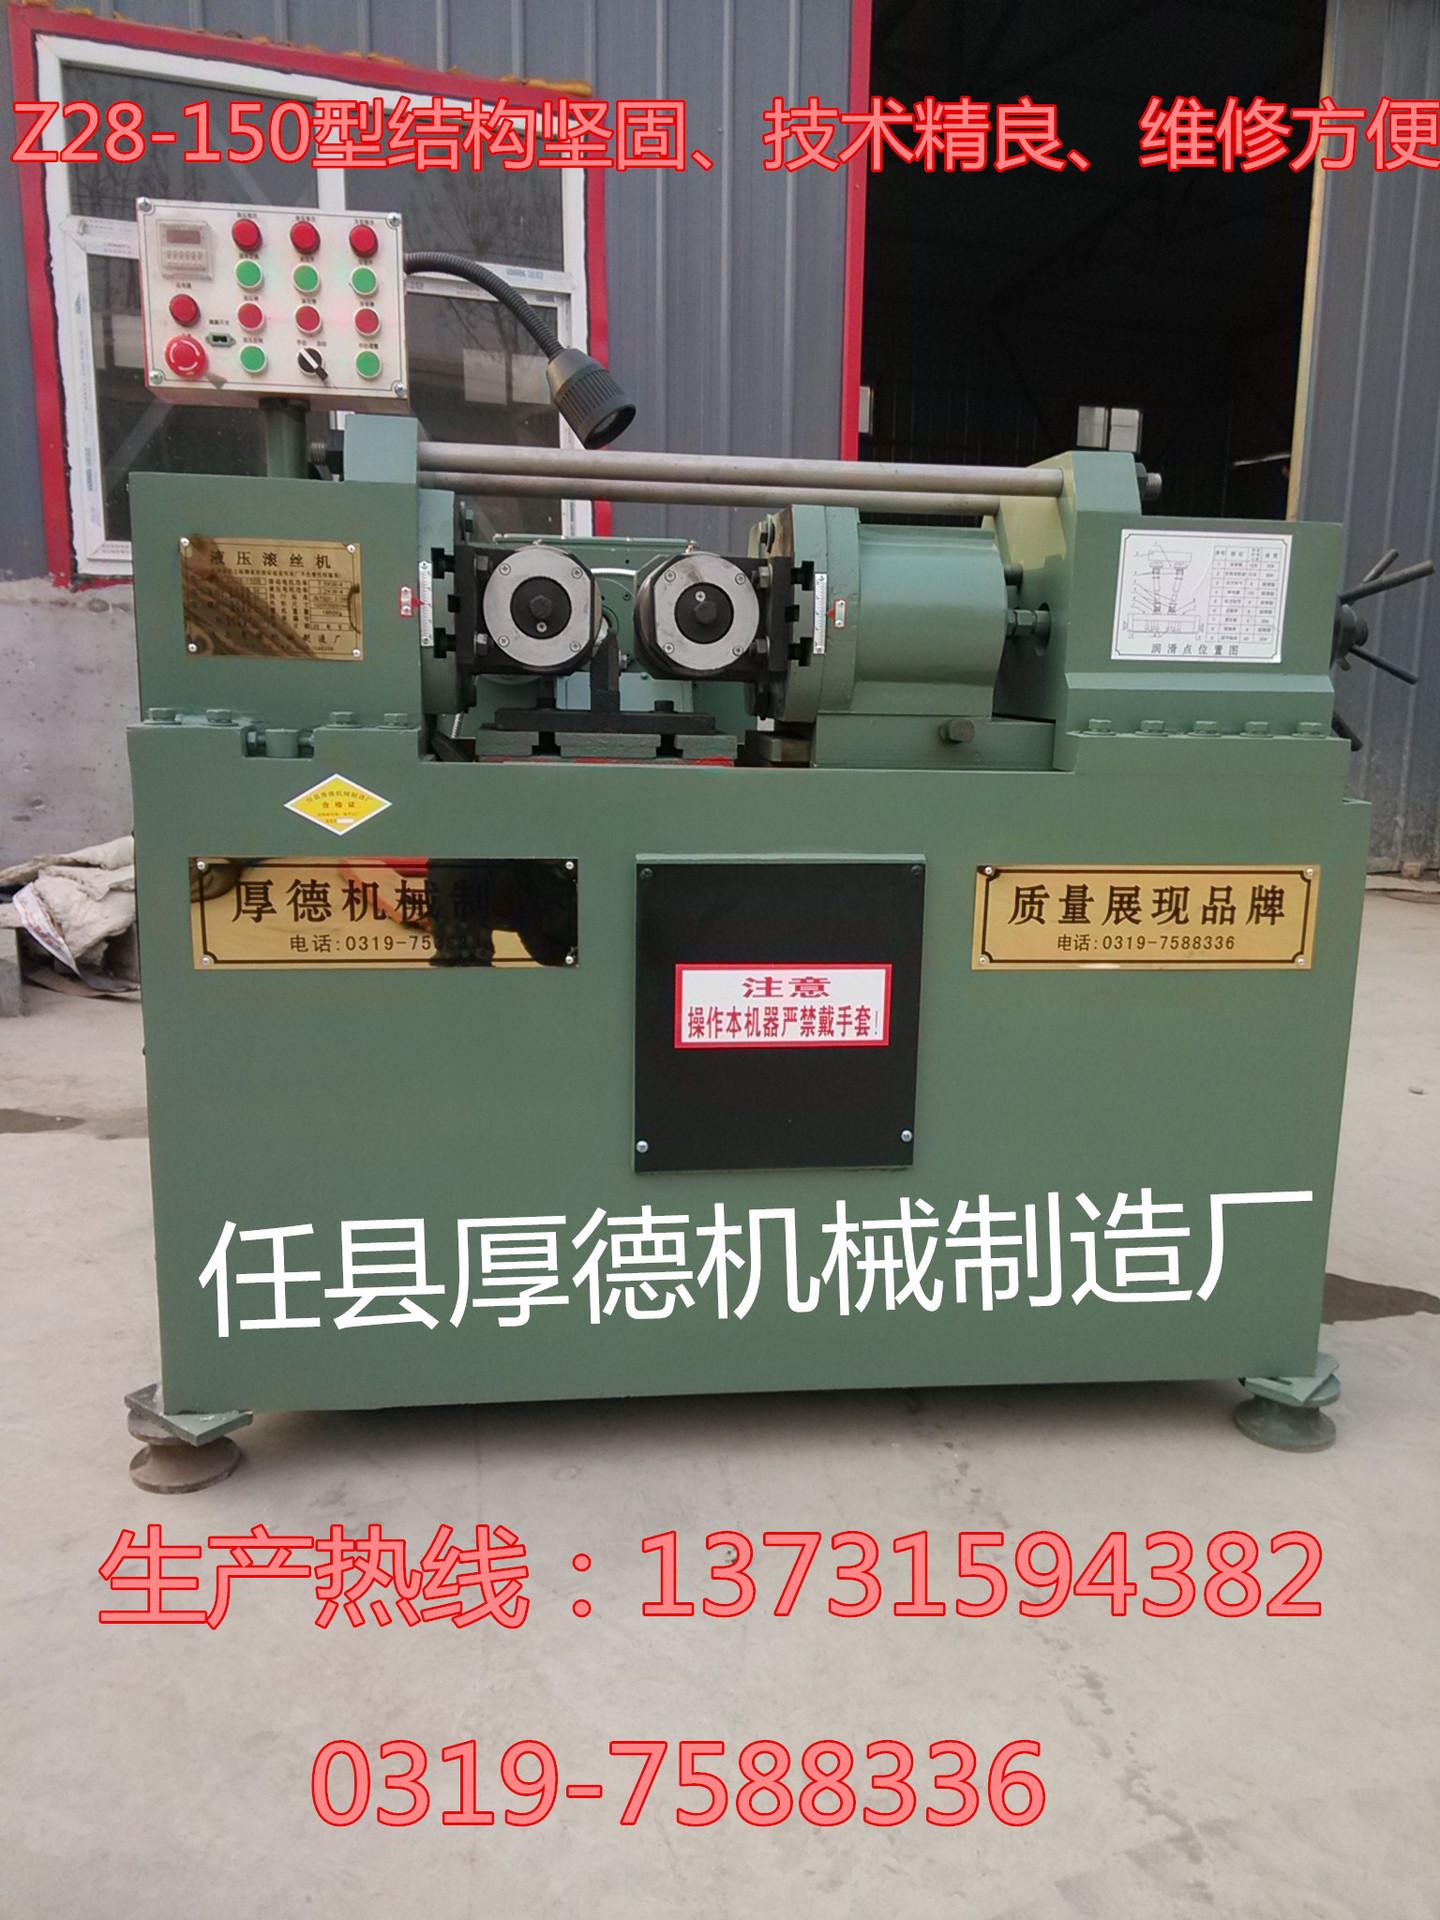 供應標準件加工設備|液壓滾絲機|機身鑄鐵滾絲機價格示例圖3